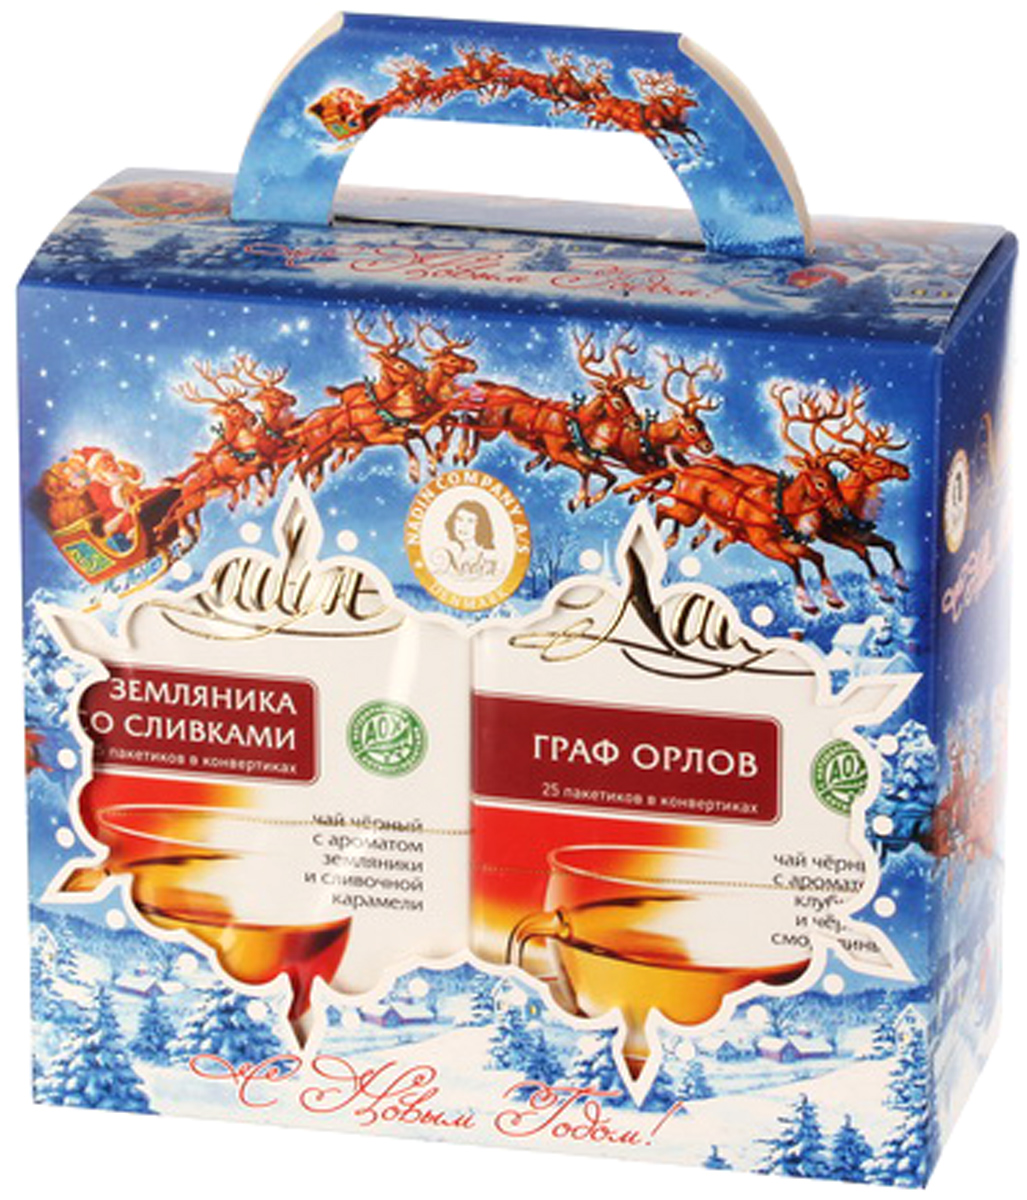 Nadin С Новым Годом! чай черный, 100 г ароматизаторы